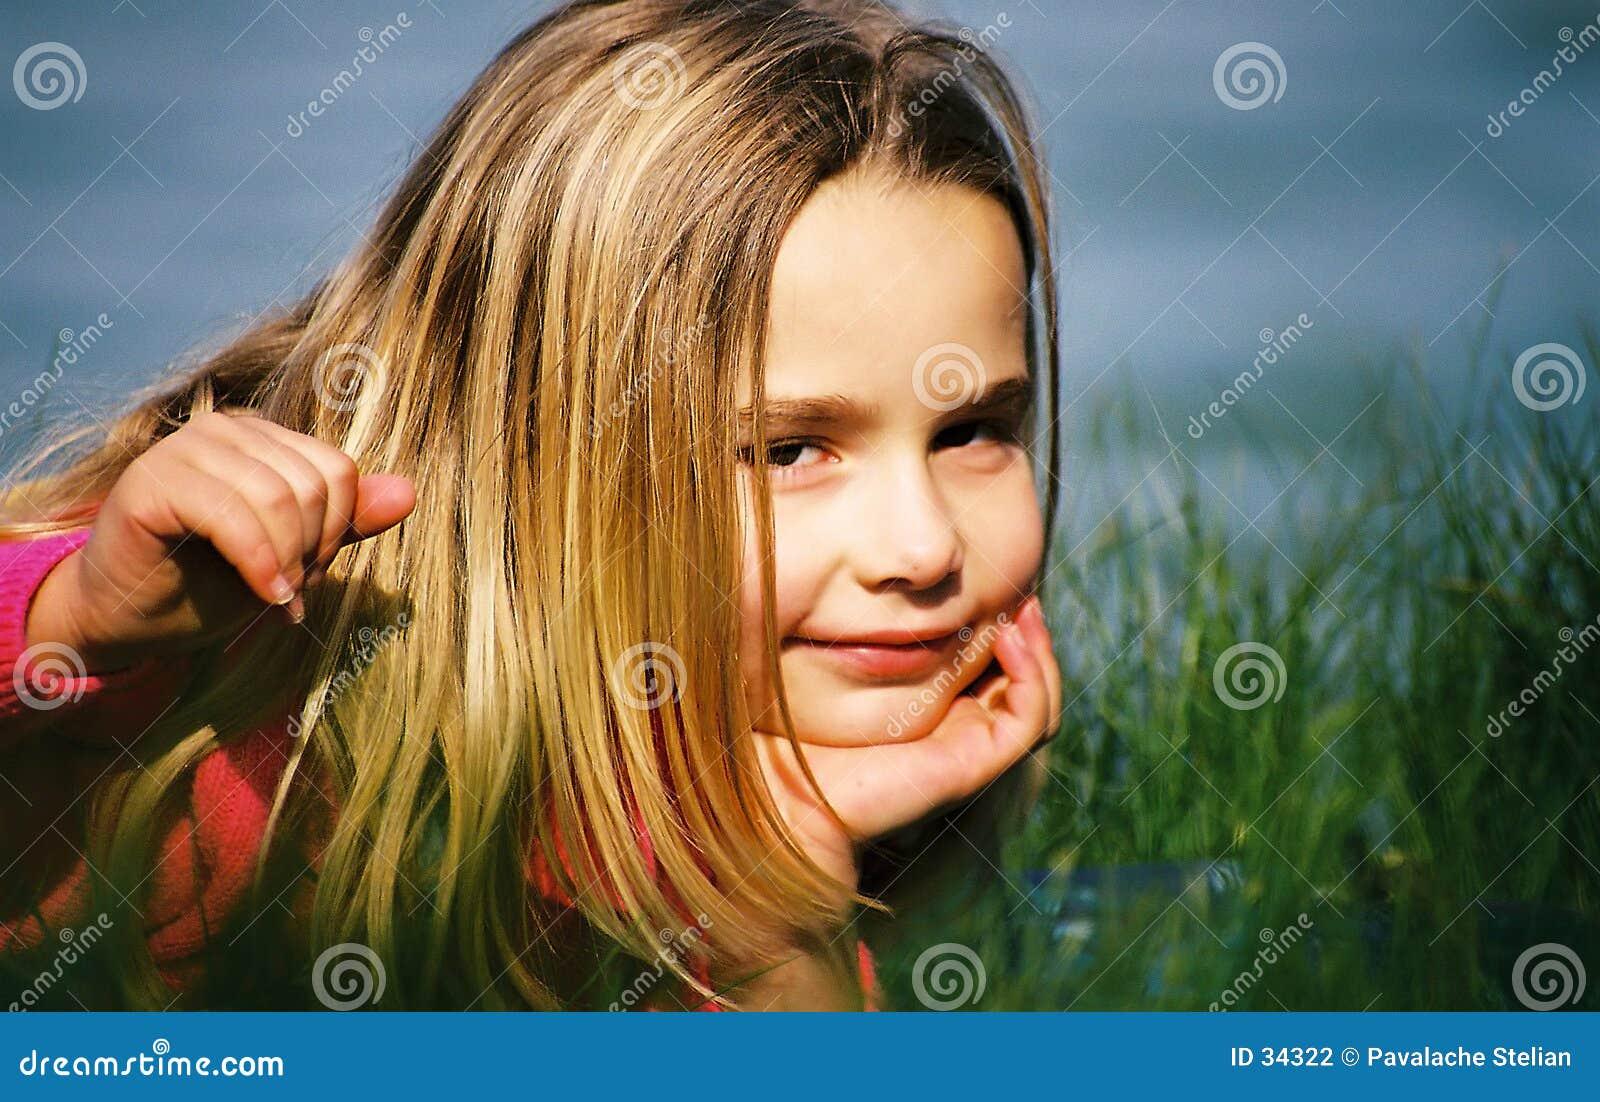 Menina bonito ao ar livre